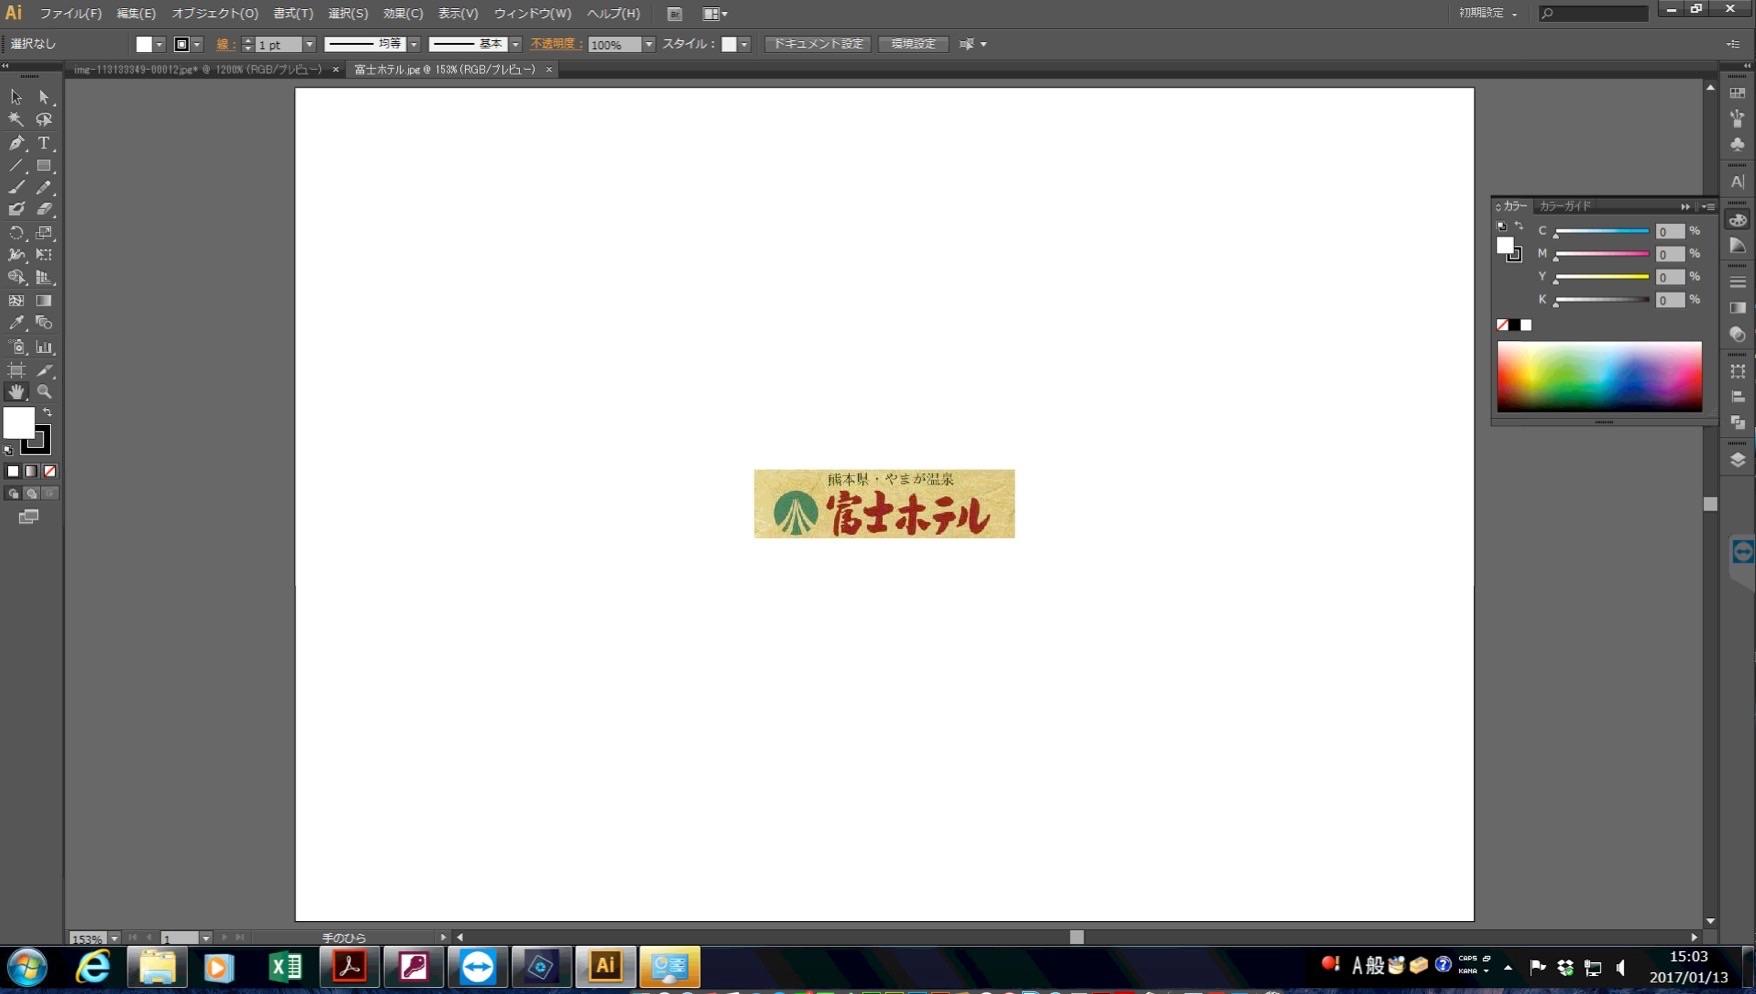 保存したJPEGファイルを今度はイラストレーターで開きます。